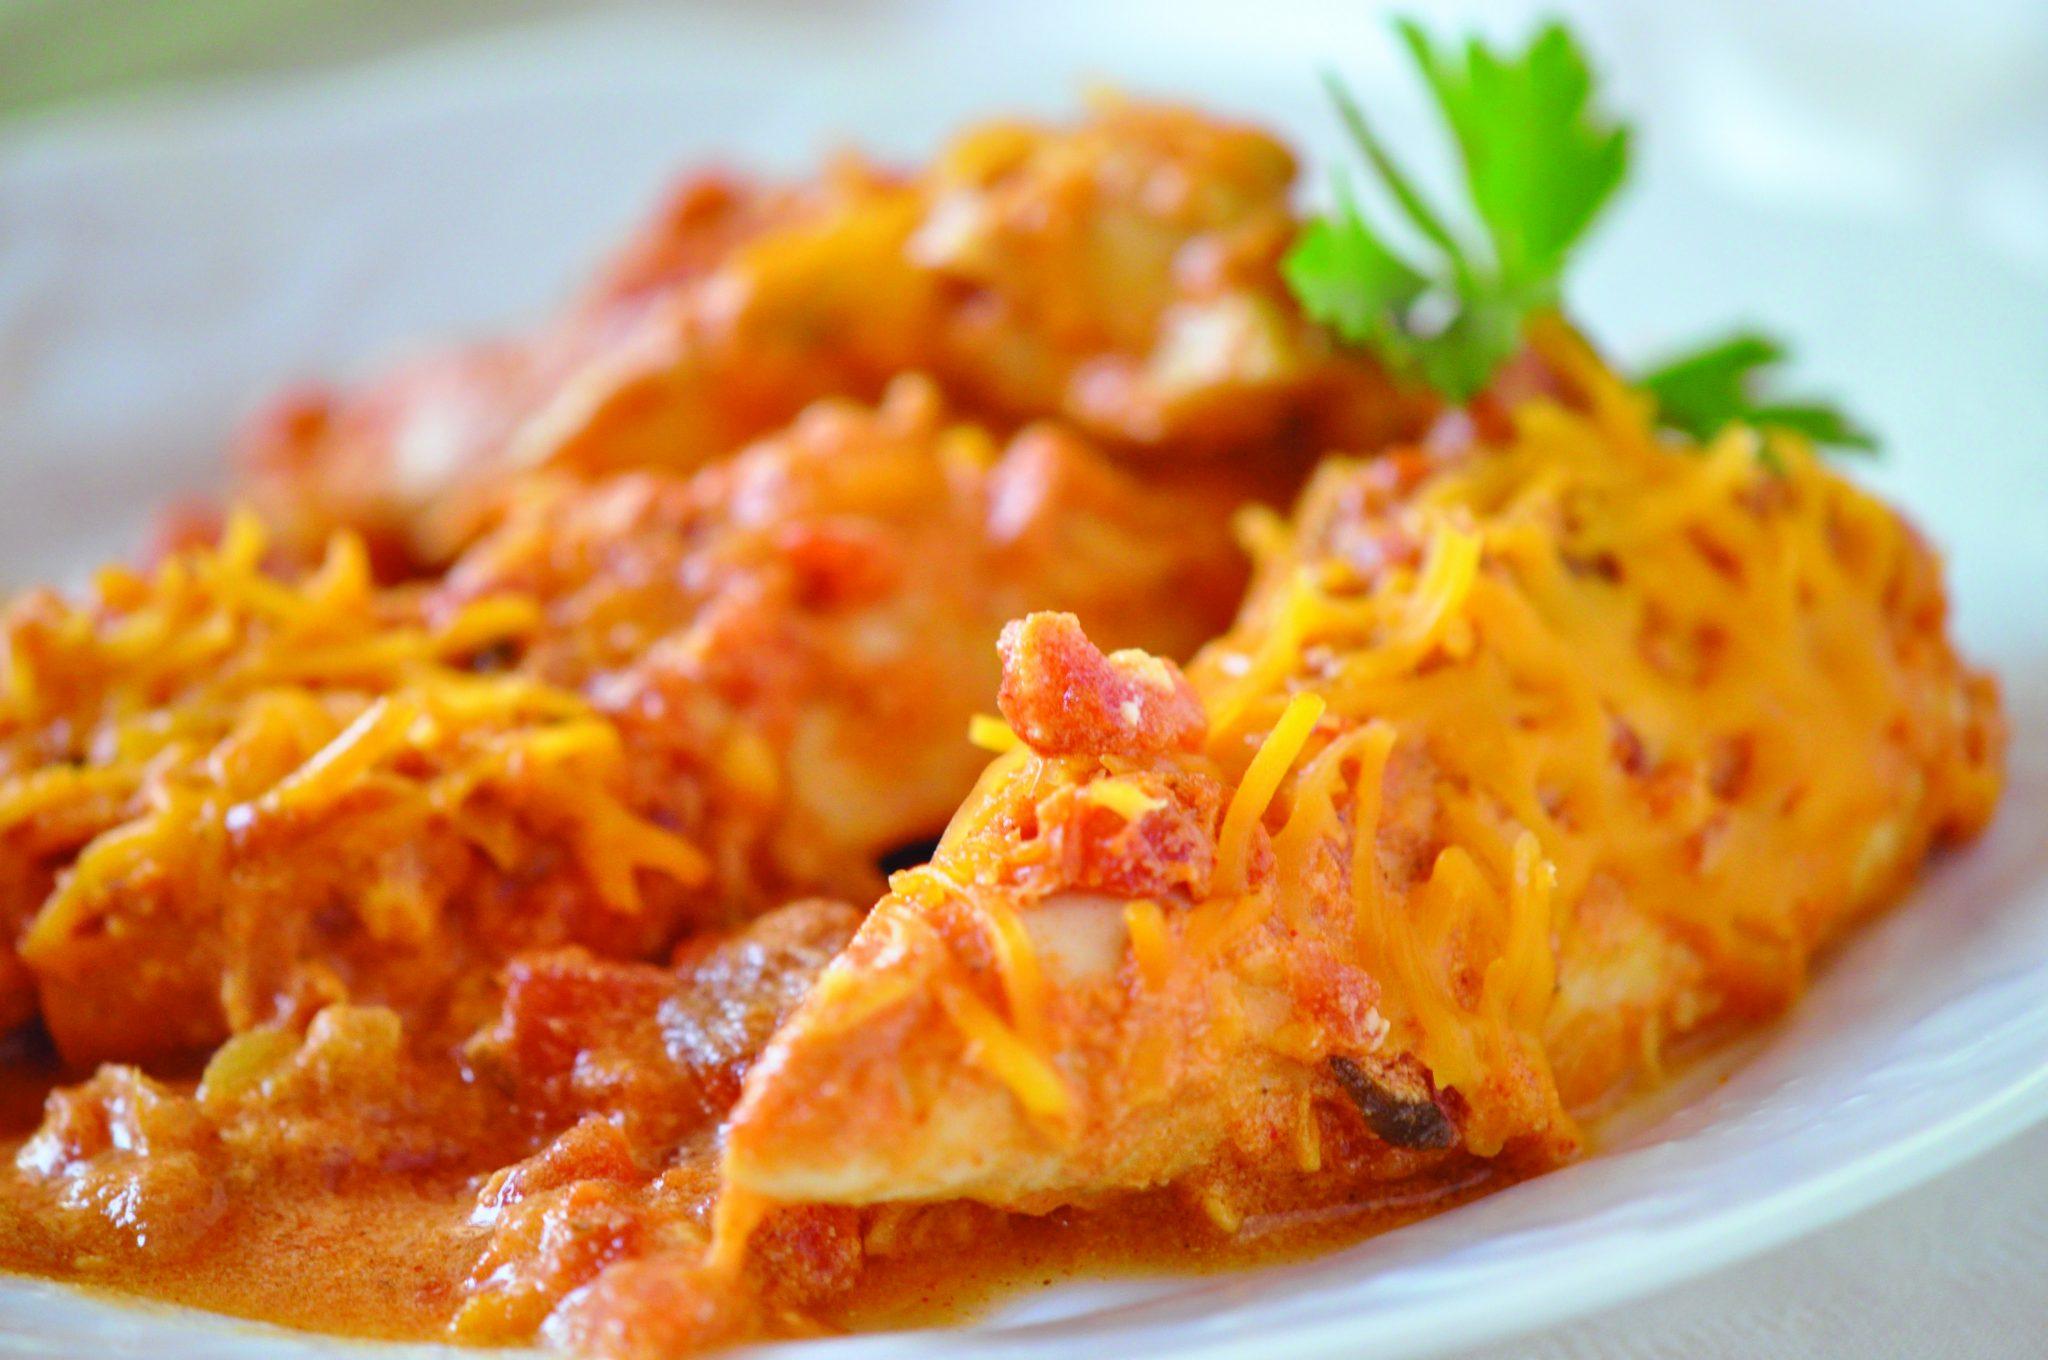 Simple Salsa Chicken Recipe In Walmart Video For Quick Chicken Dinner